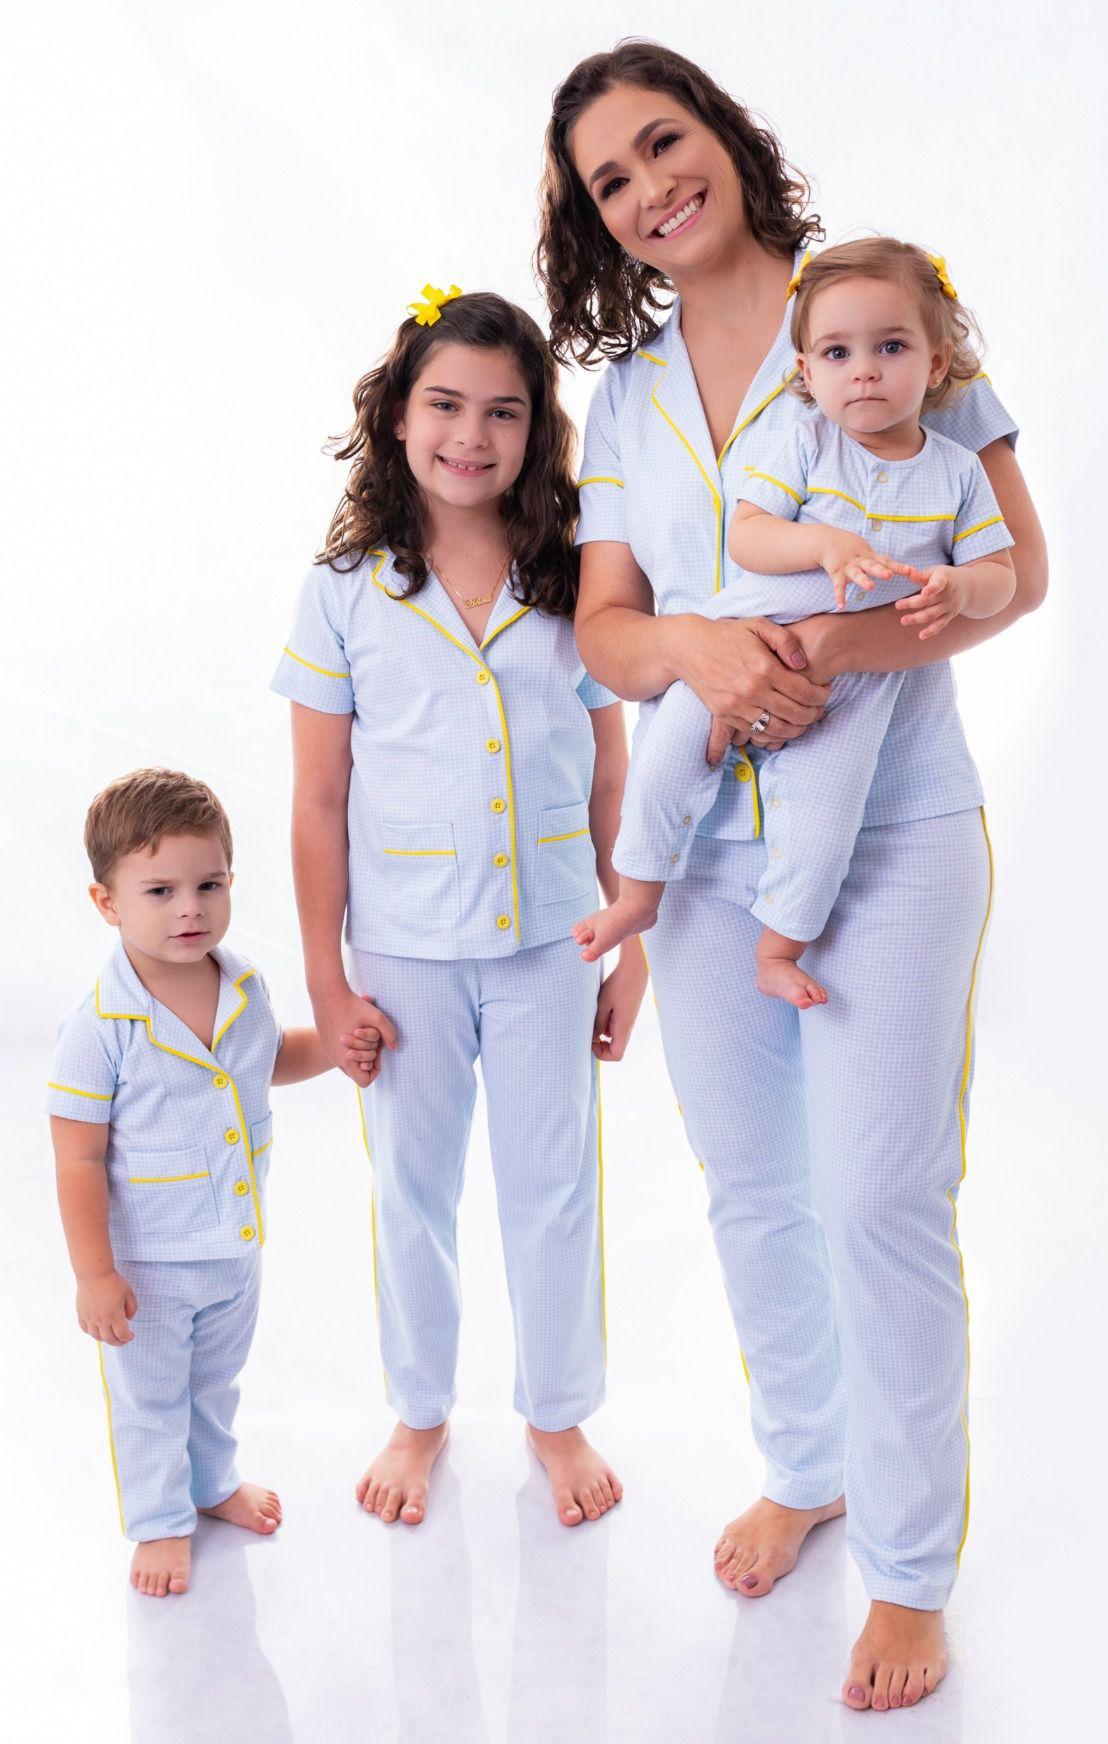 Pijama Tal Mãe Tal Filhos da mamãe